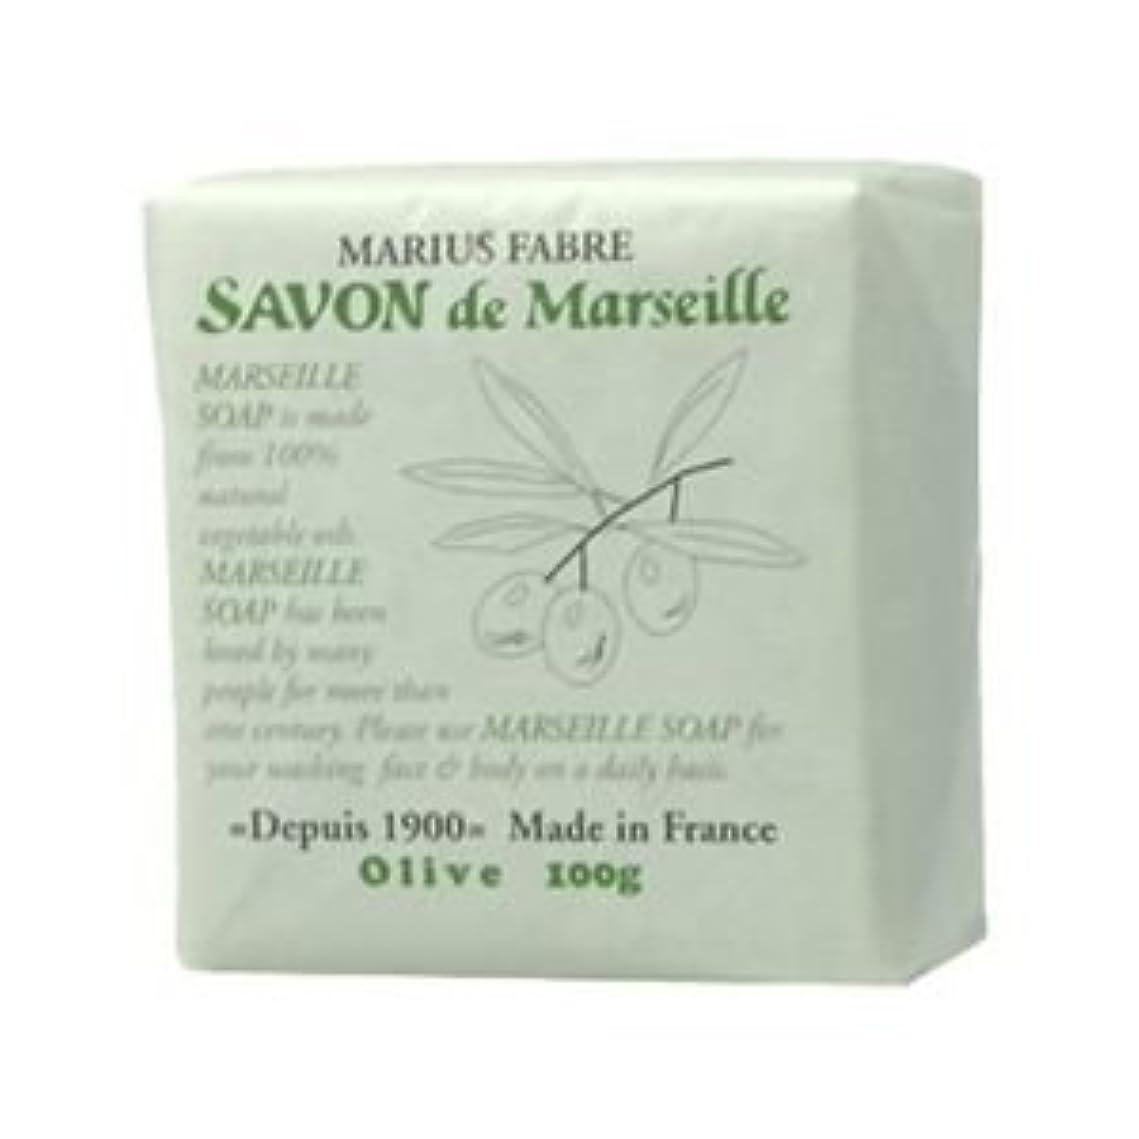 サボン ド マルセイユ オリーブ 100g 【4セット】